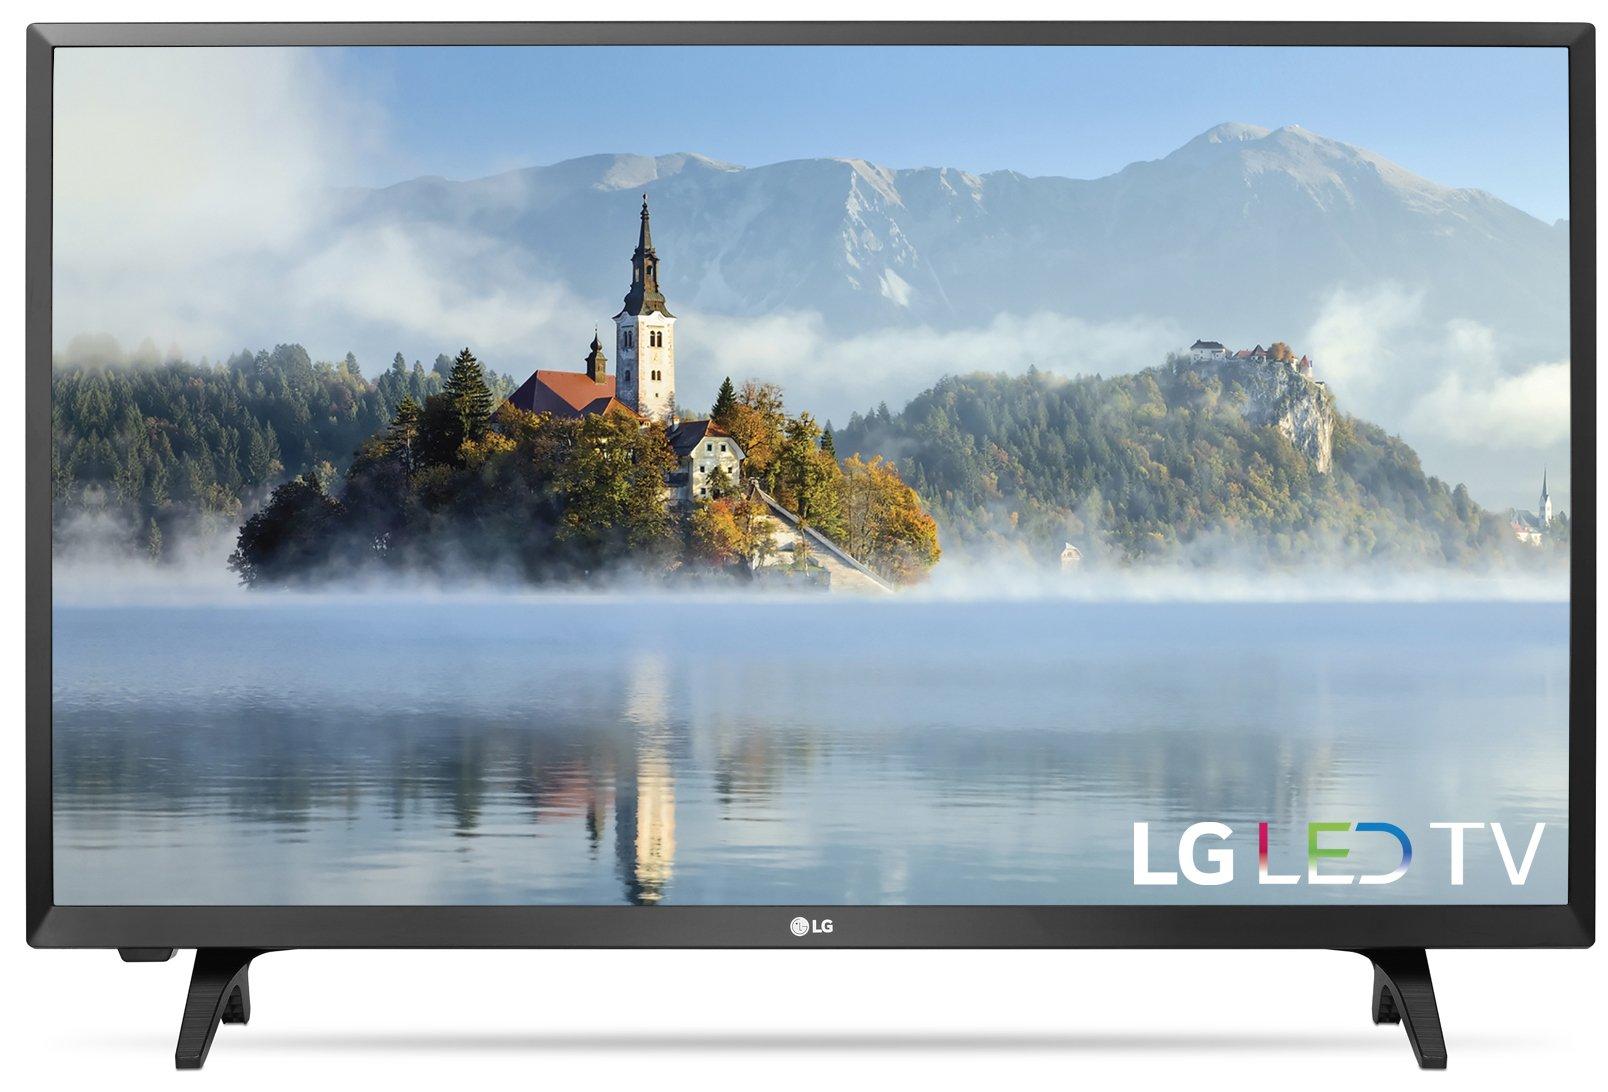 LG Electronics 32LJ500B 32-Inch 720p LED TV (2017 Model) by LG